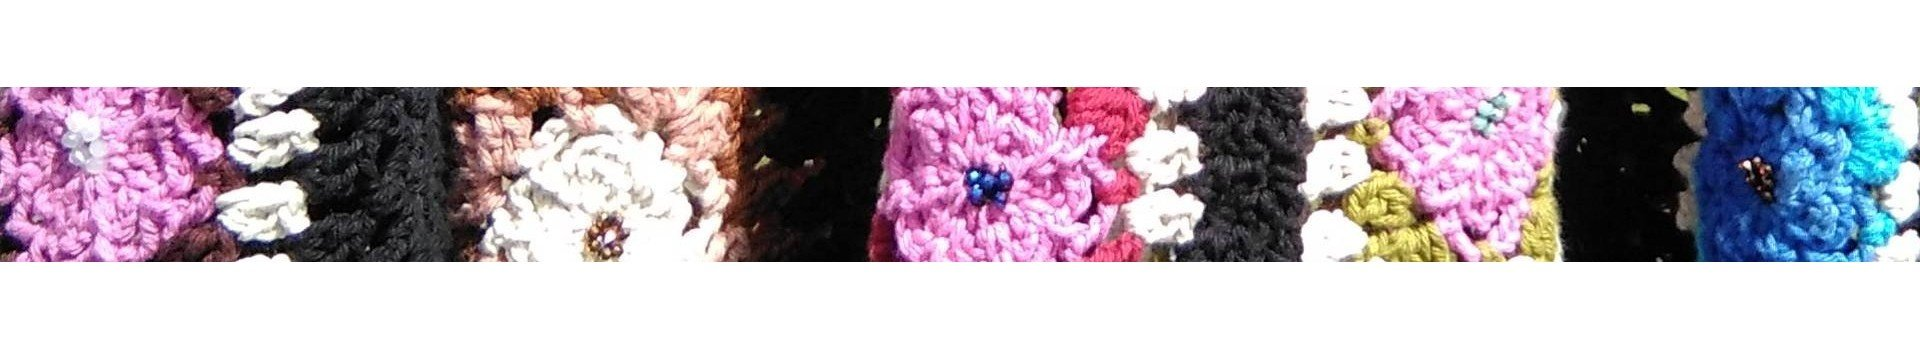 chaquetas punto ganchillo flecos lana acrílico